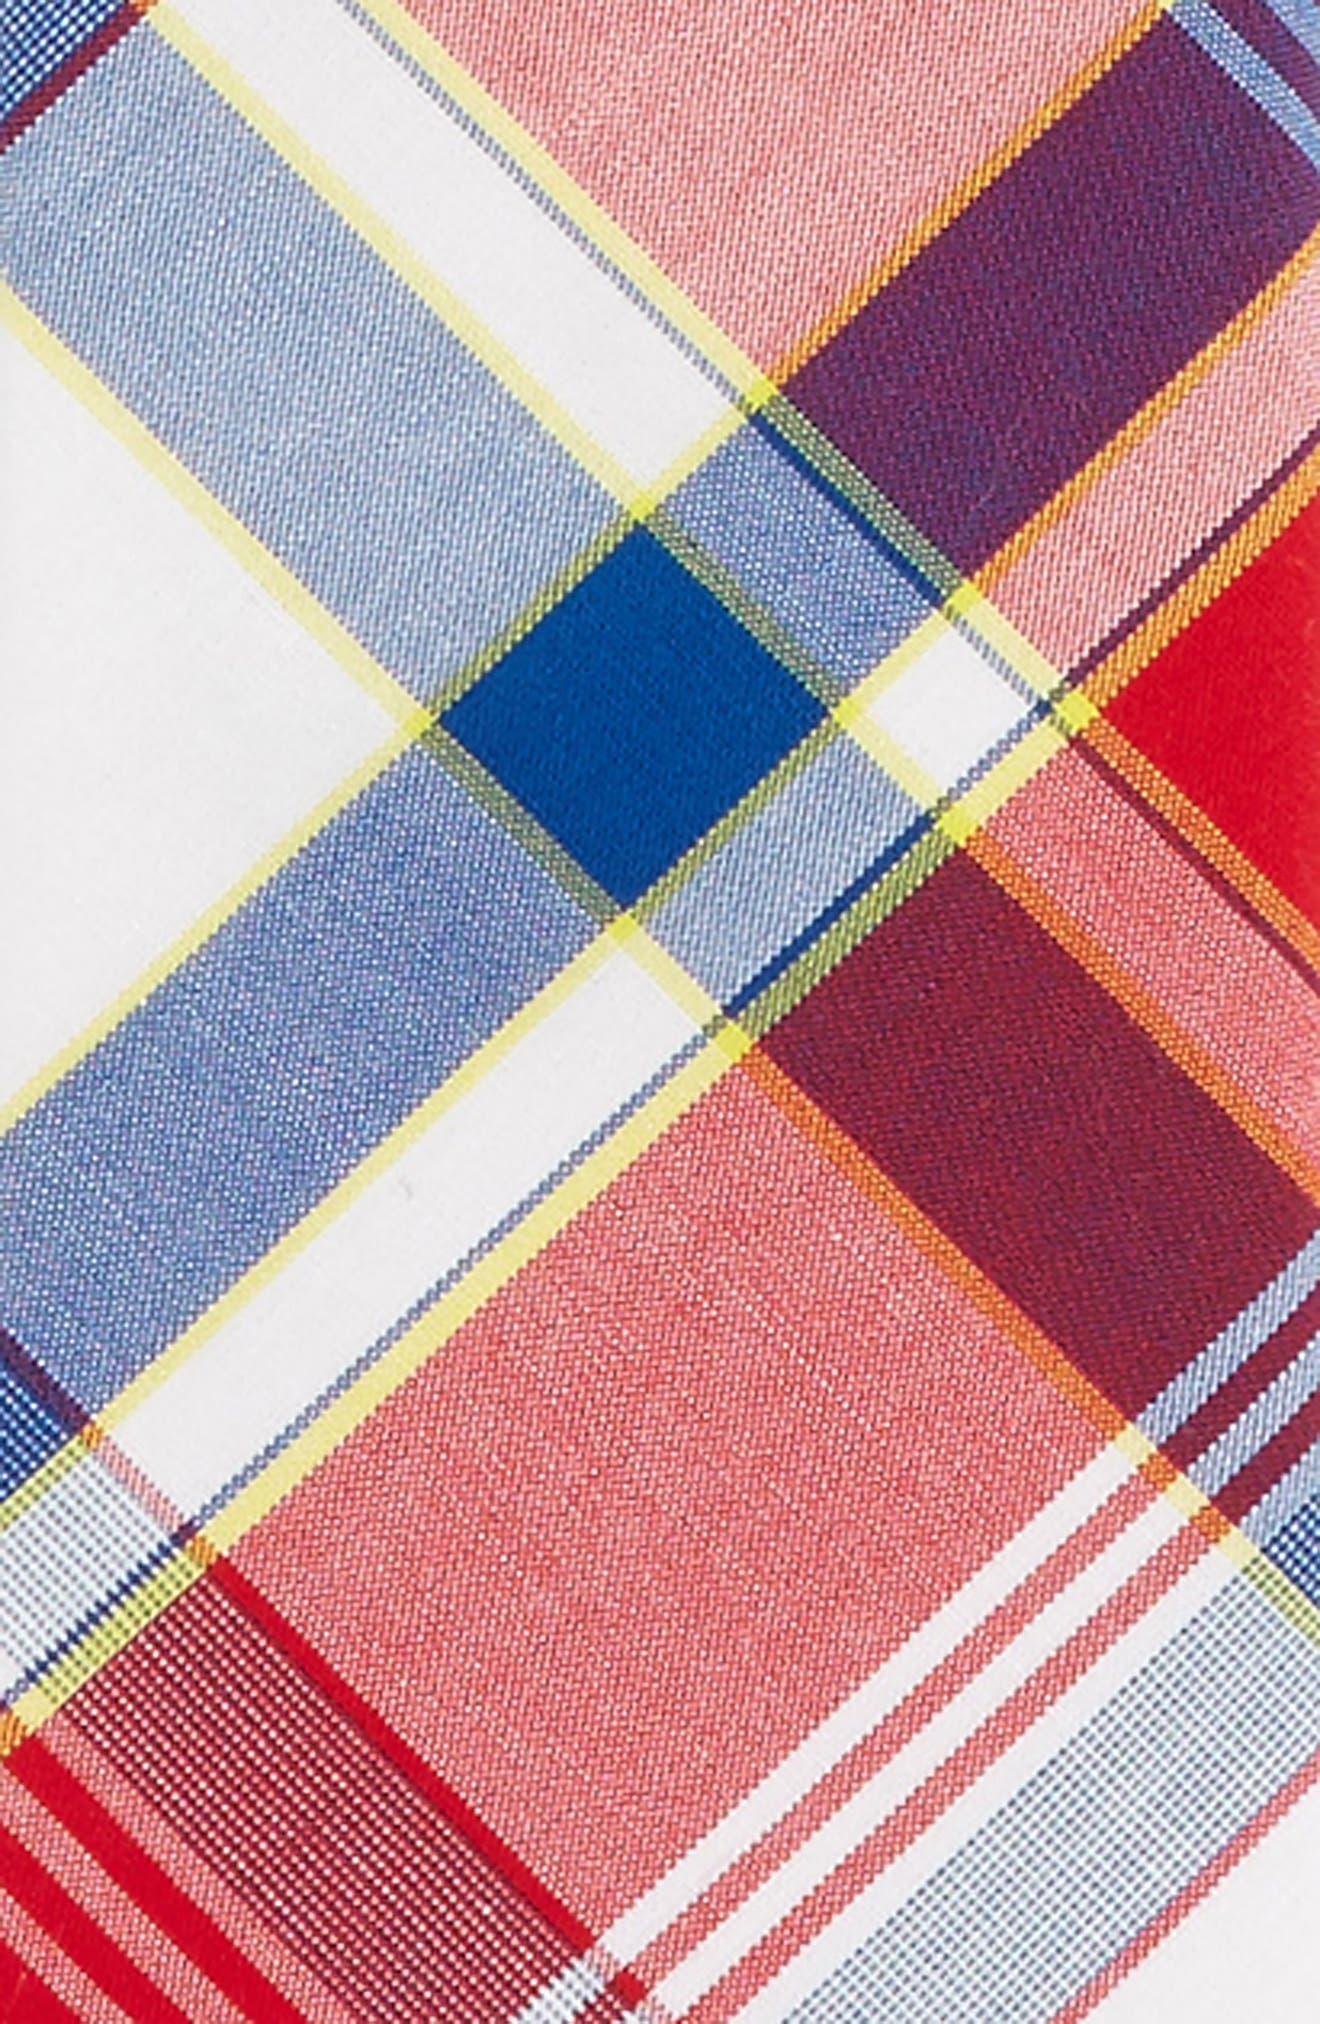 Plaid Cotton Zip Tie,                             Alternate thumbnail 2, color,                             600